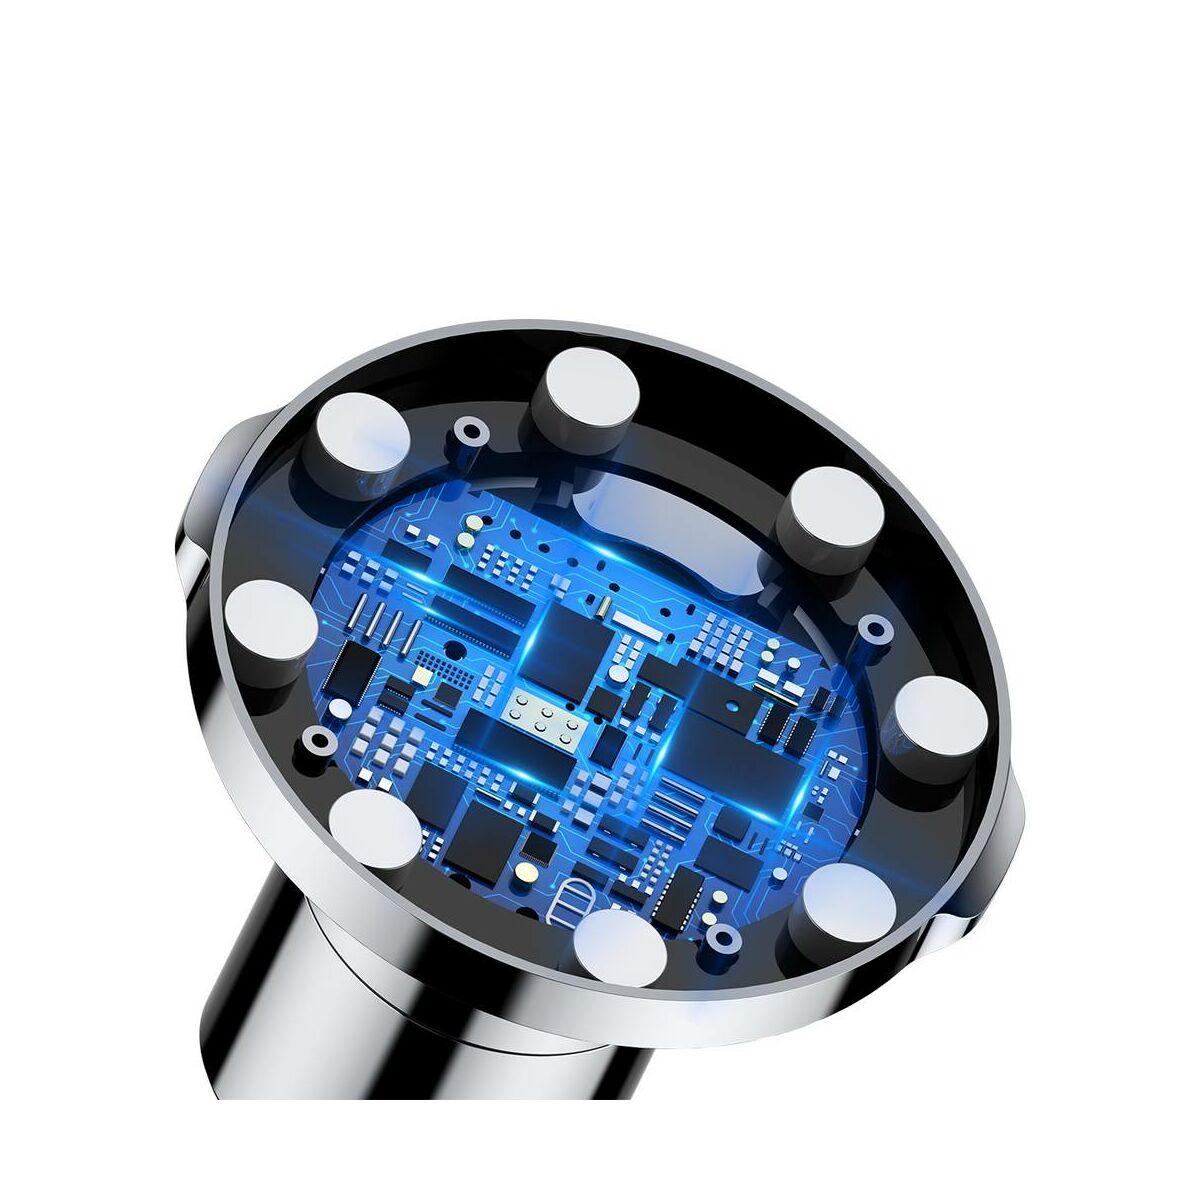 Baseus autós telefontartó, vezeték nélküli töltő Big Ears, műszerfalra/szellőzőre, fekete (WXER-01)